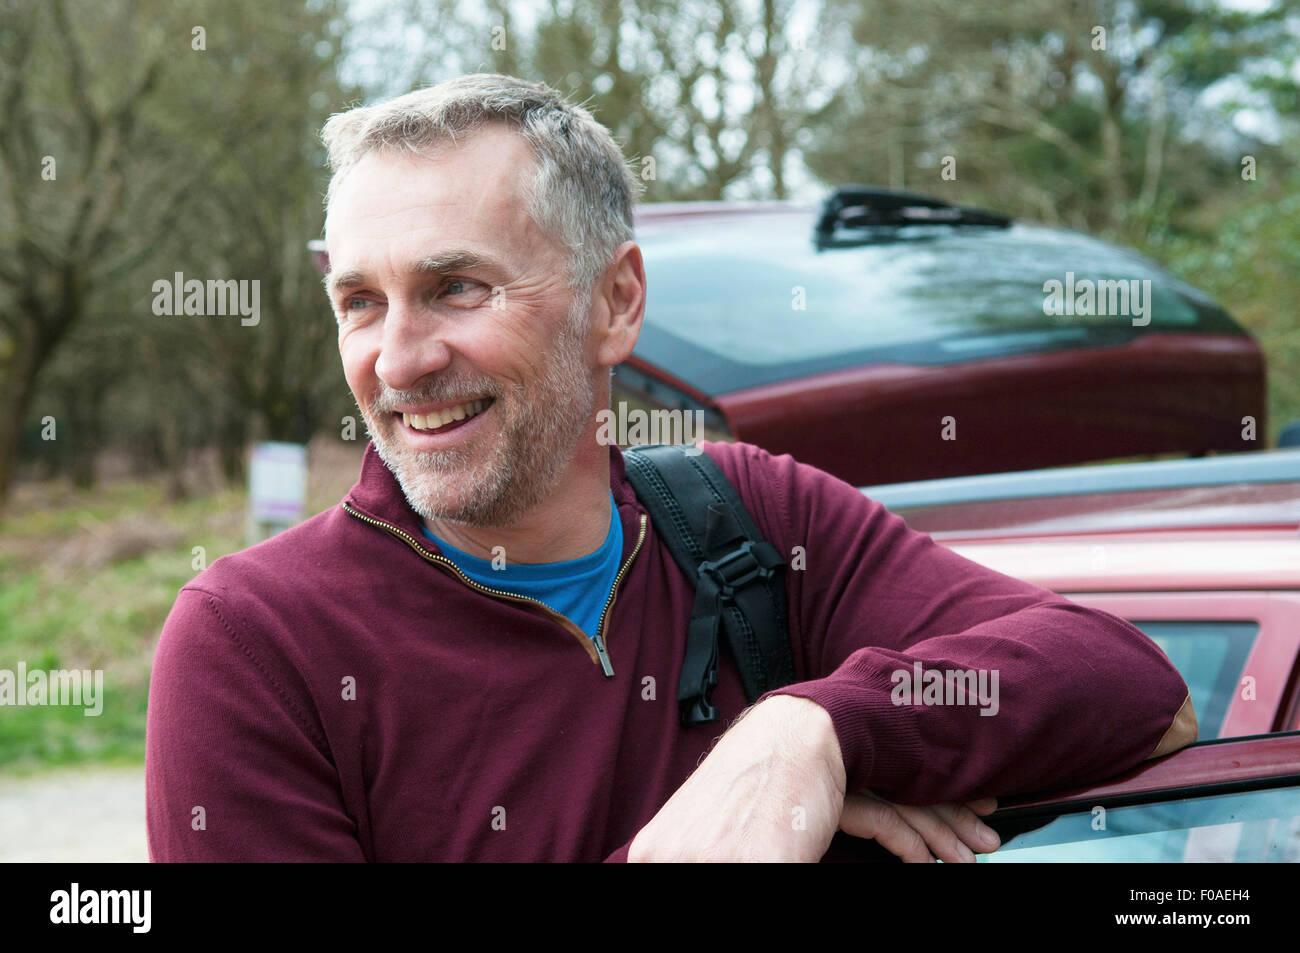 Retrato del excursionista macho apoyado contra la puerta de coche Imagen De Stock